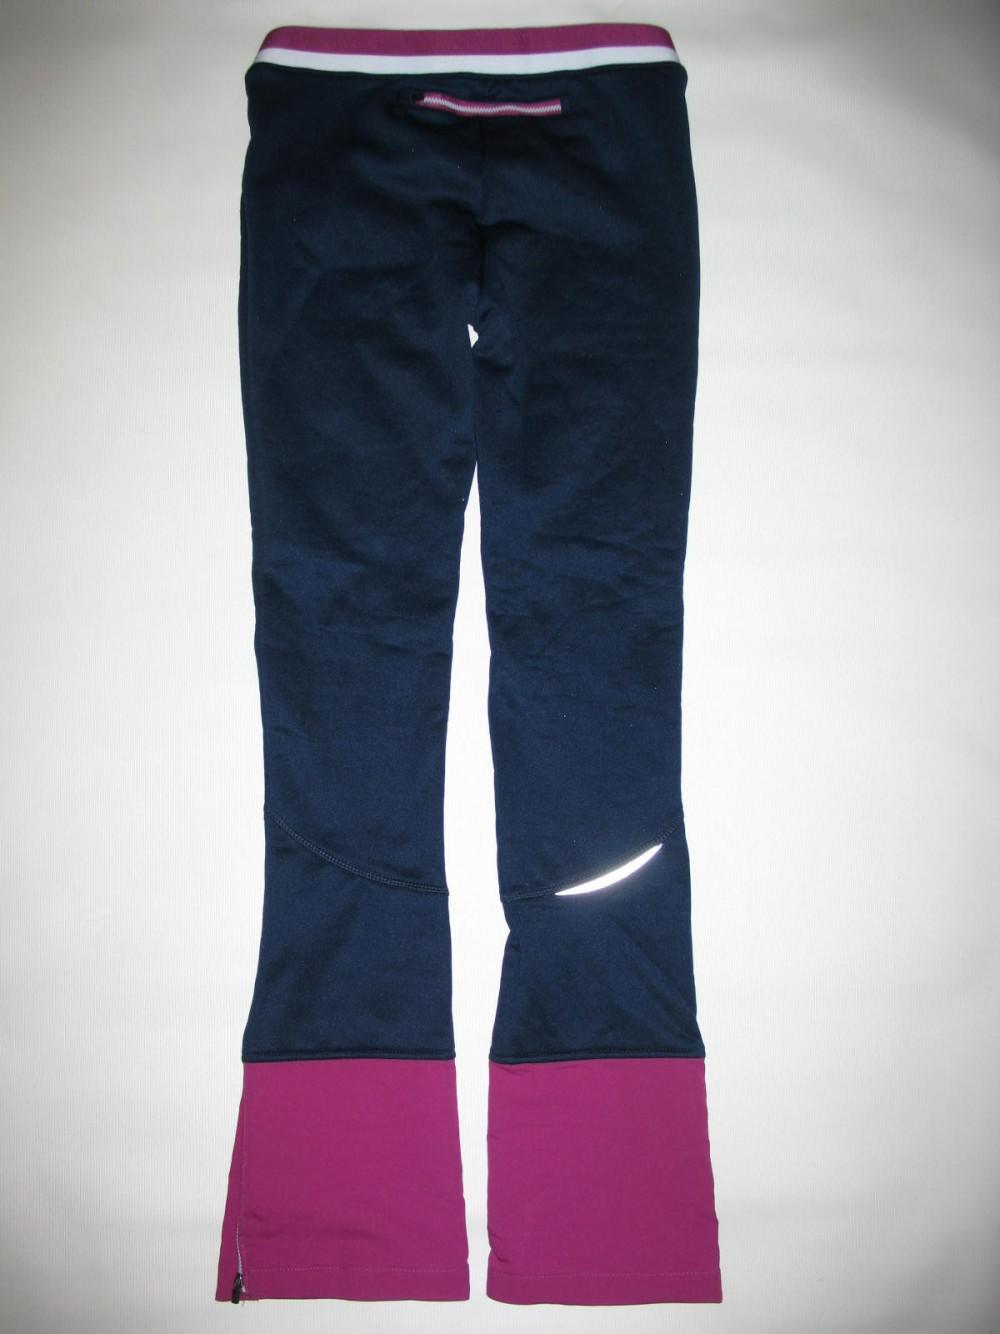 Штаны INOC nordic touren pants lady (размер 38-M/S) - 1